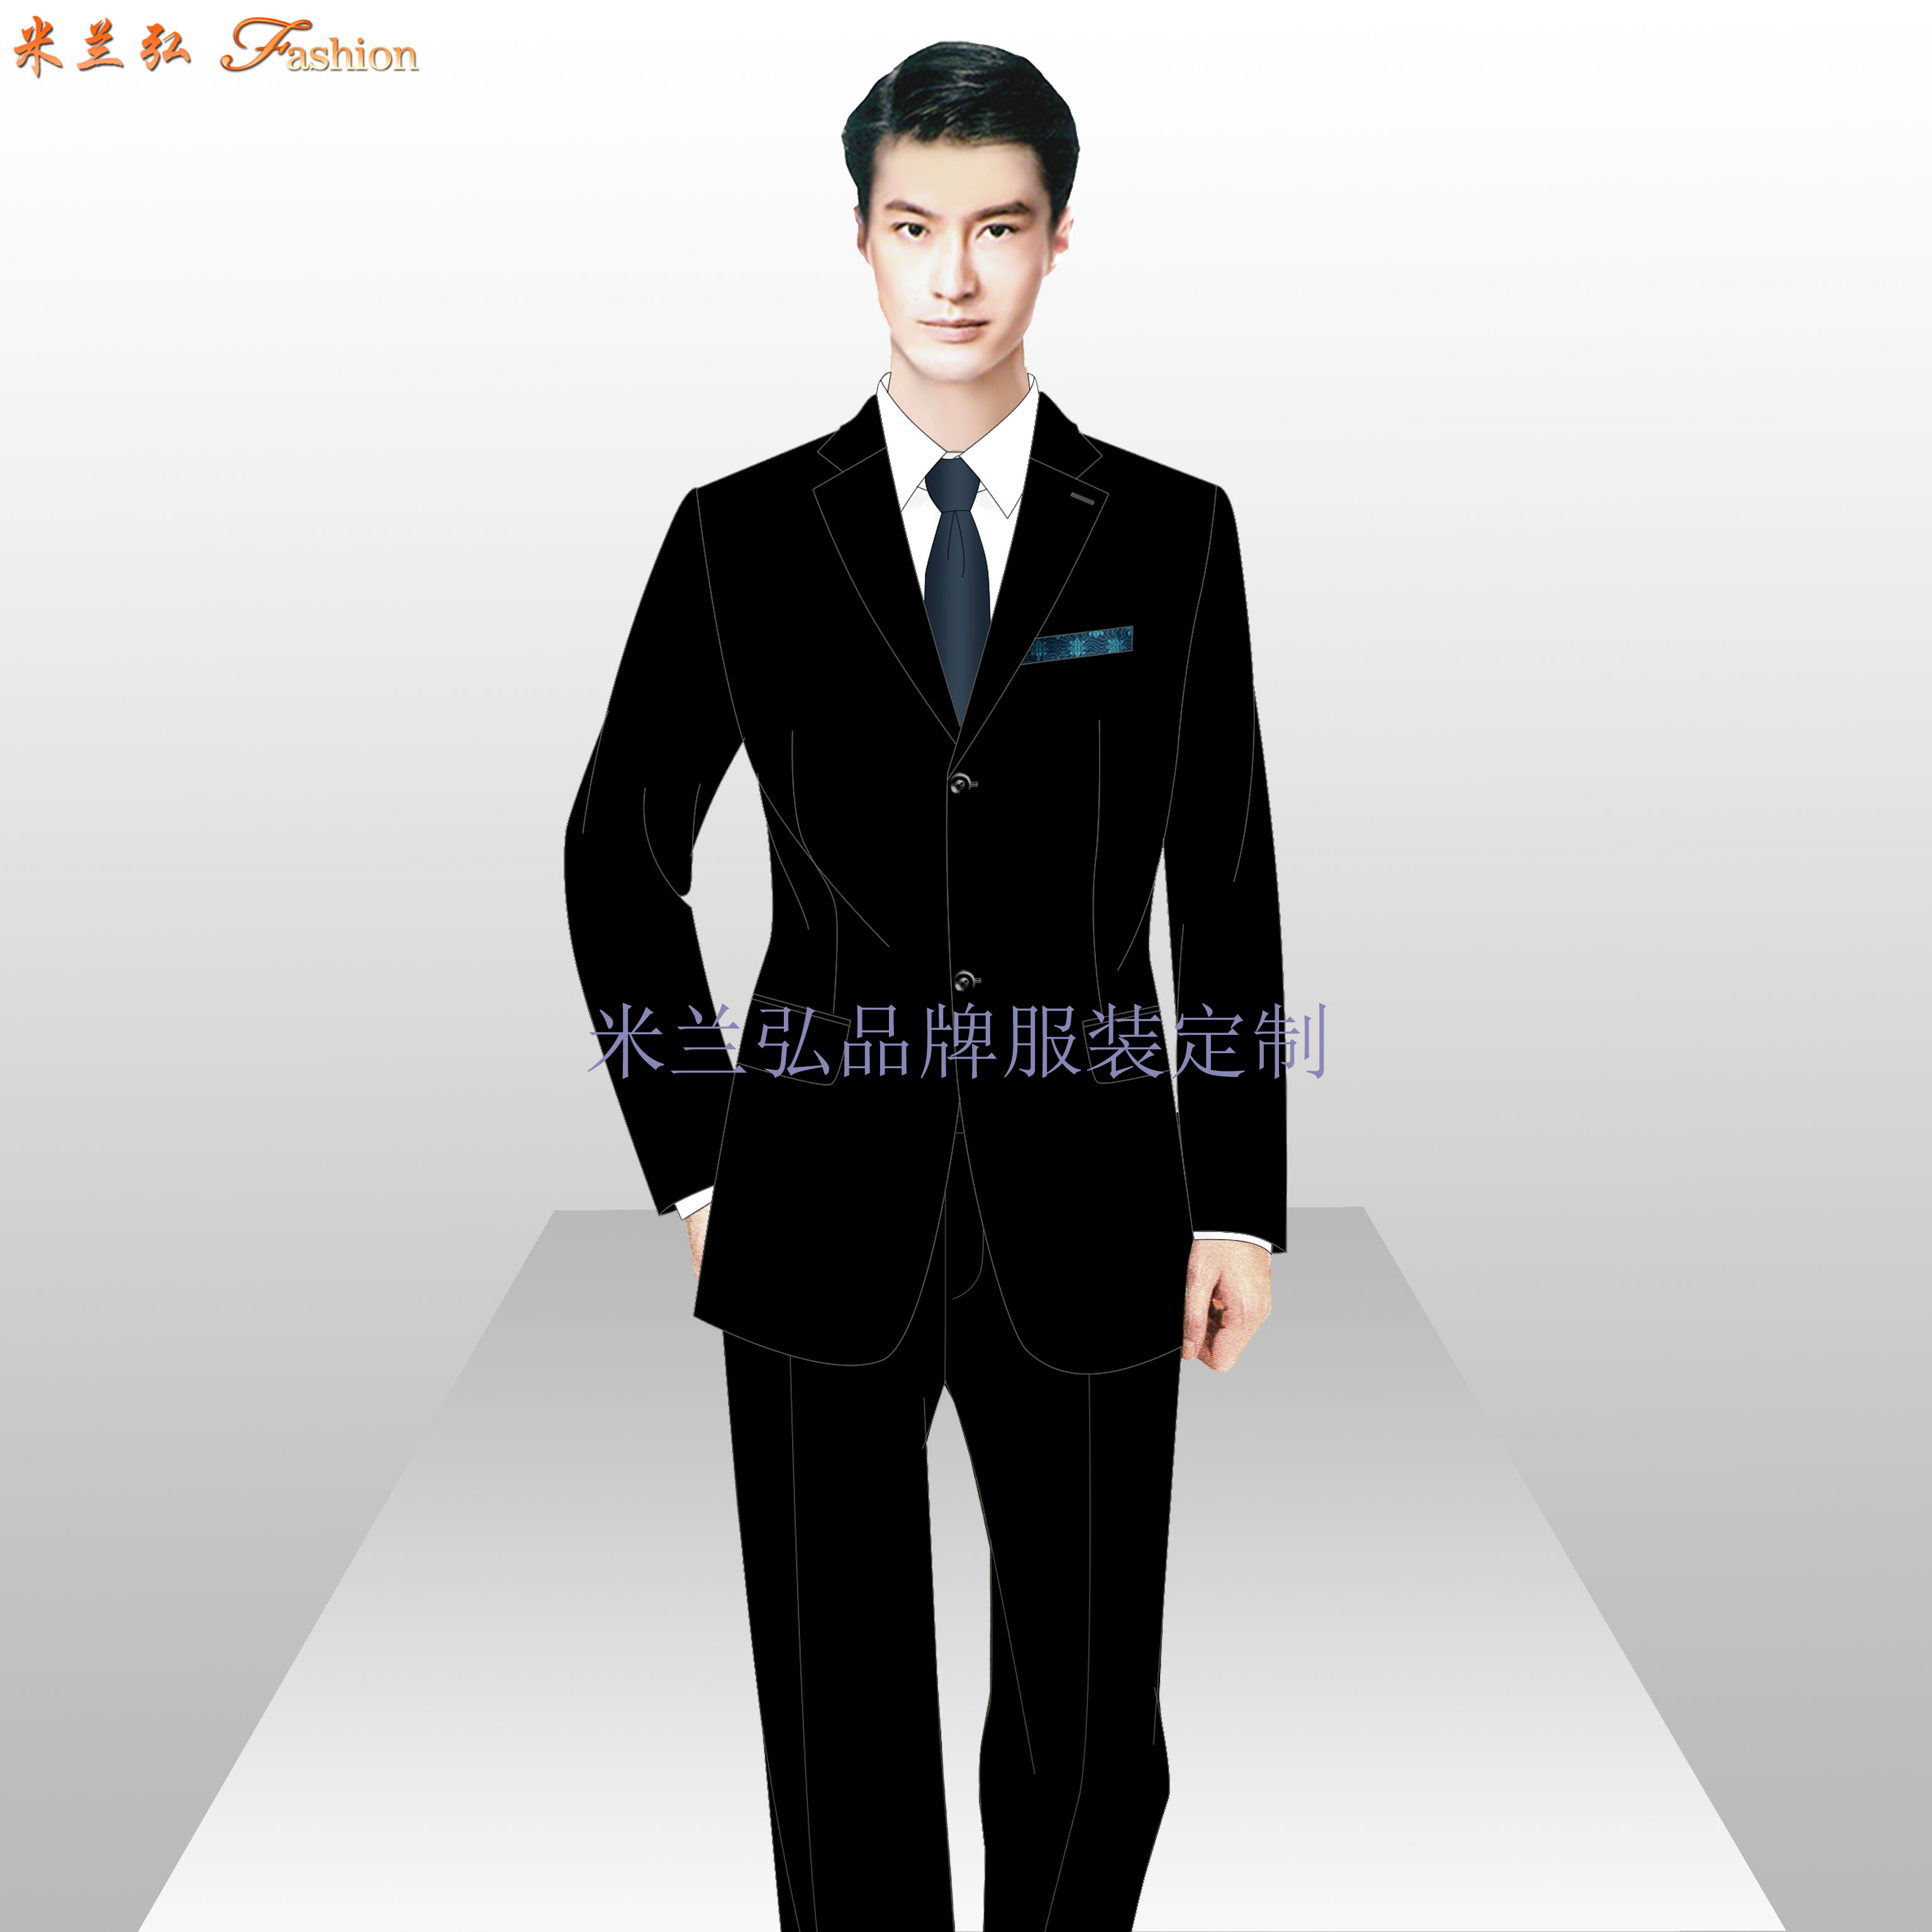 國貿西服定制_北京國貿量體定做西服品牌-米蘭弘服裝廠家-4